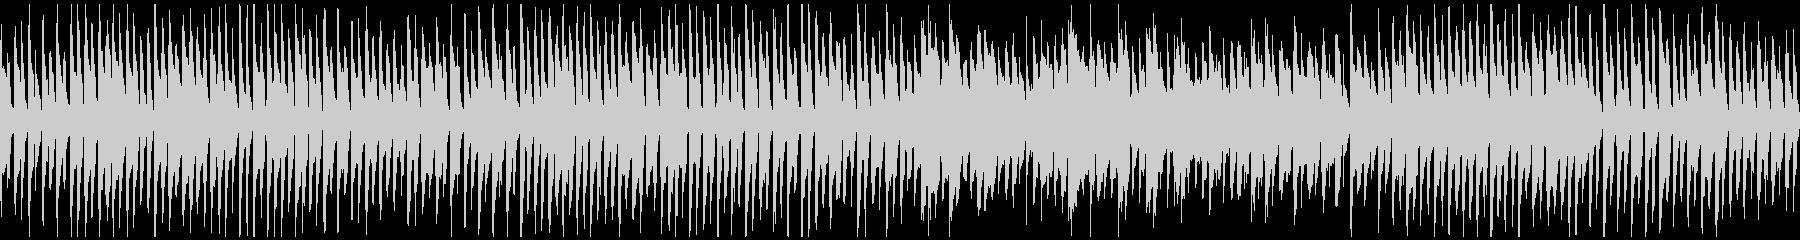 ふわふわリコーダー ※ループ仕様版の未再生の波形